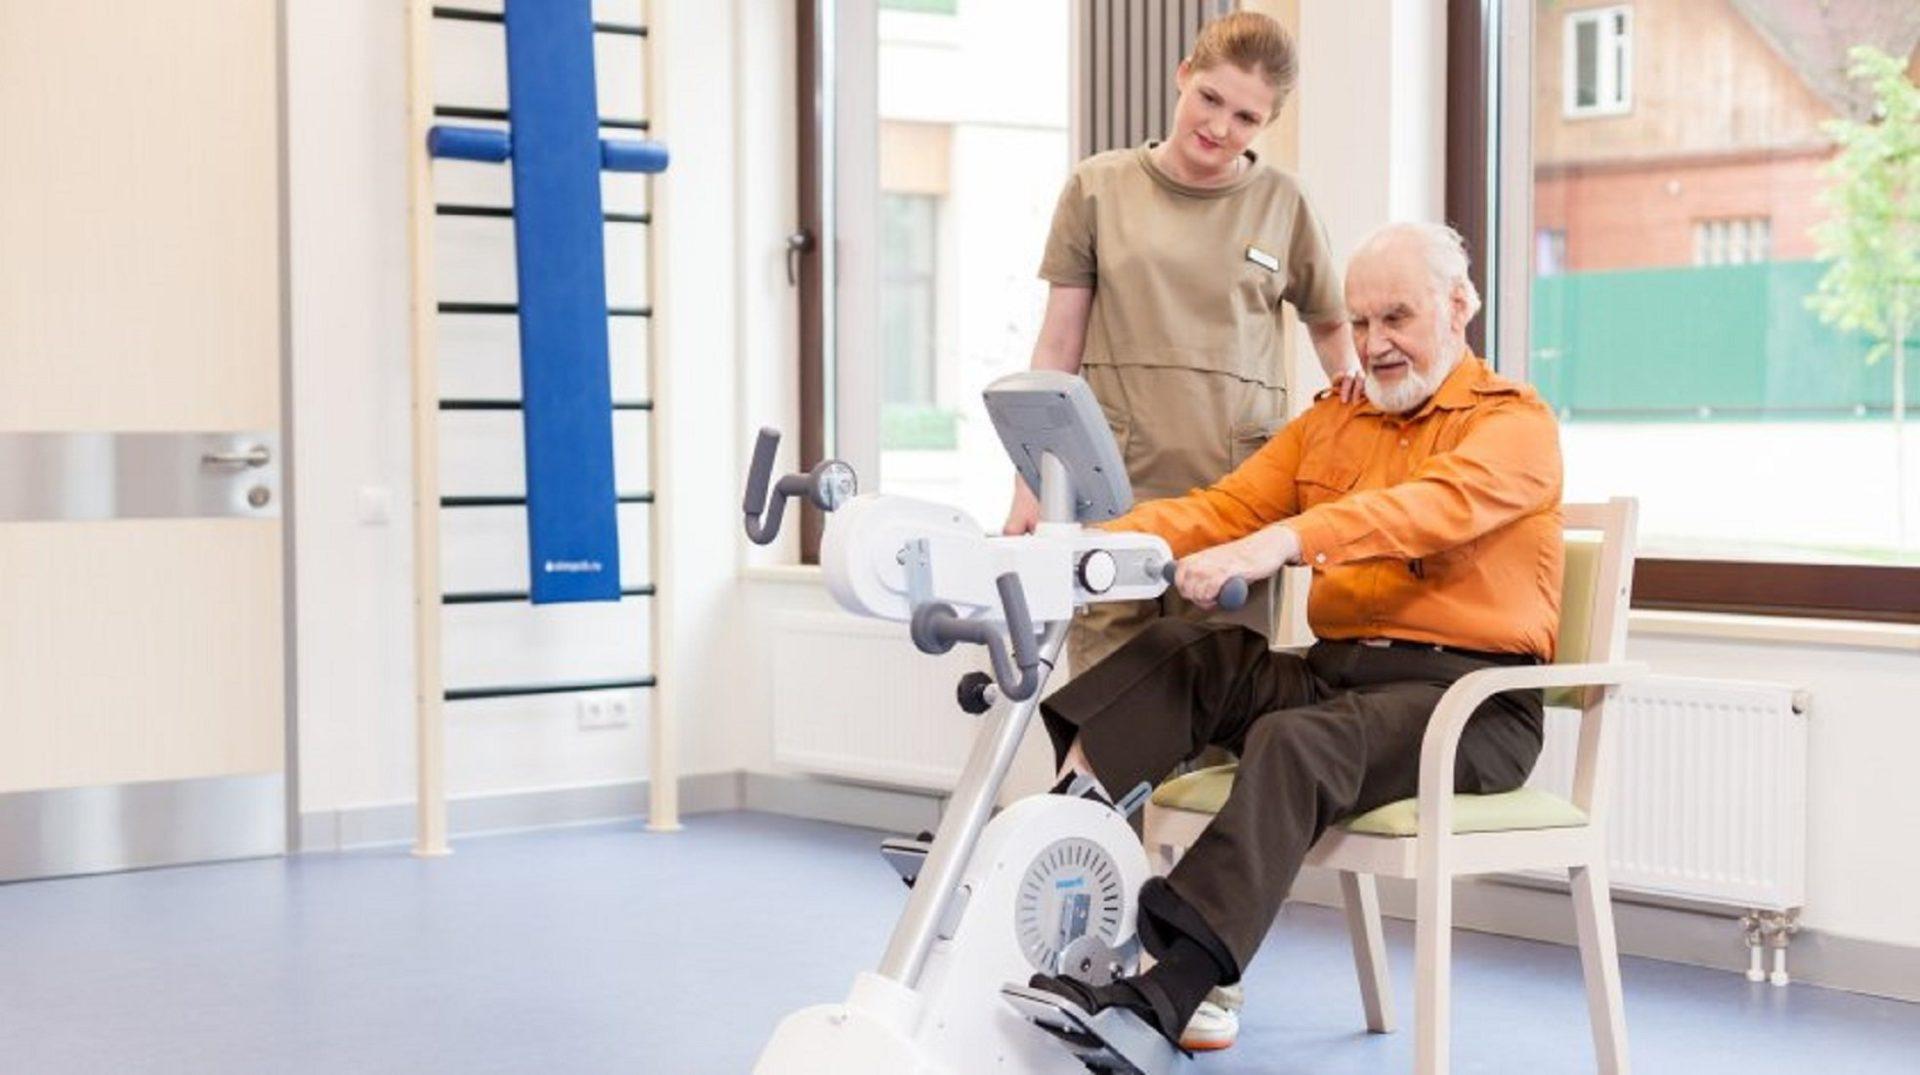 Наличие собеседника снижает вероятность развития болезни Альцгеймера